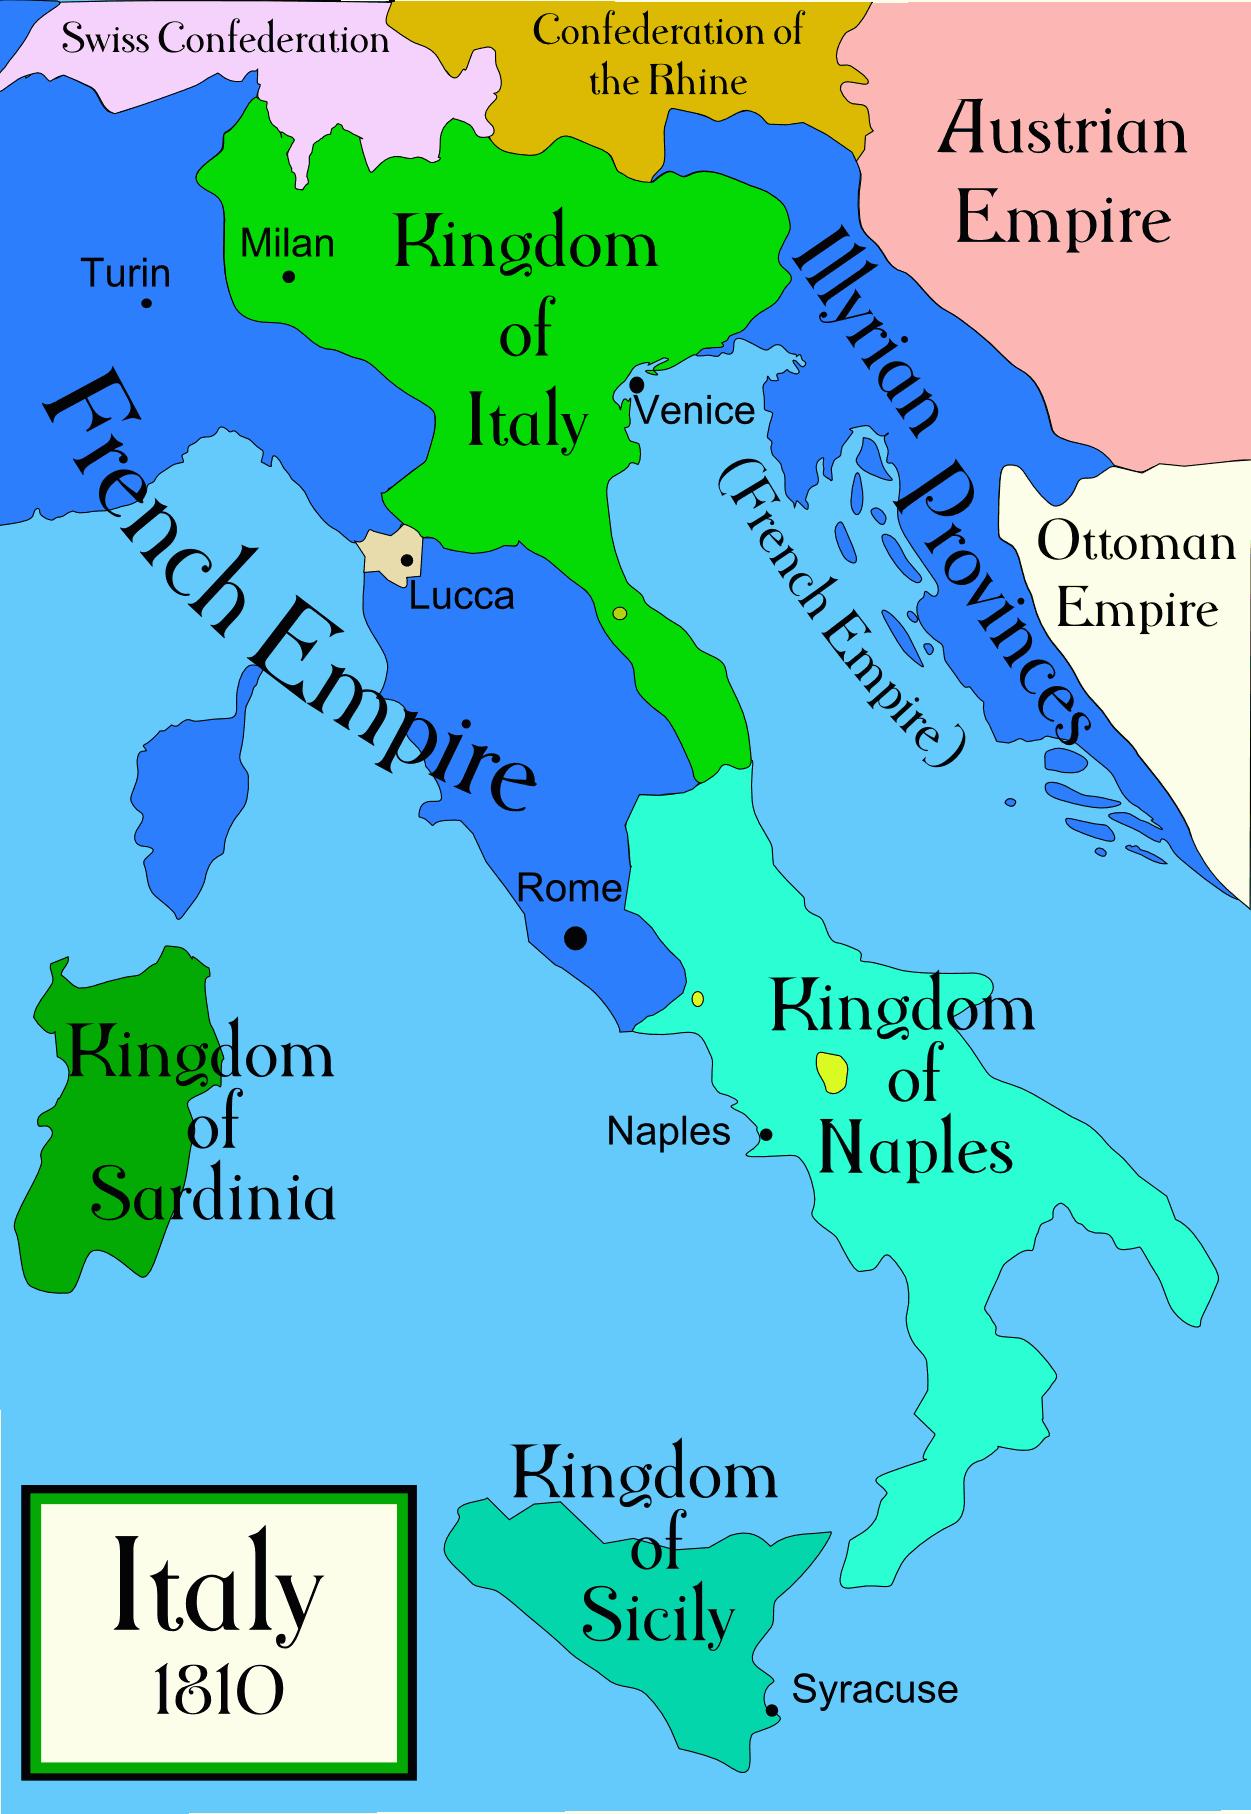 Atlas of Slovenia - Wikimedia Commons